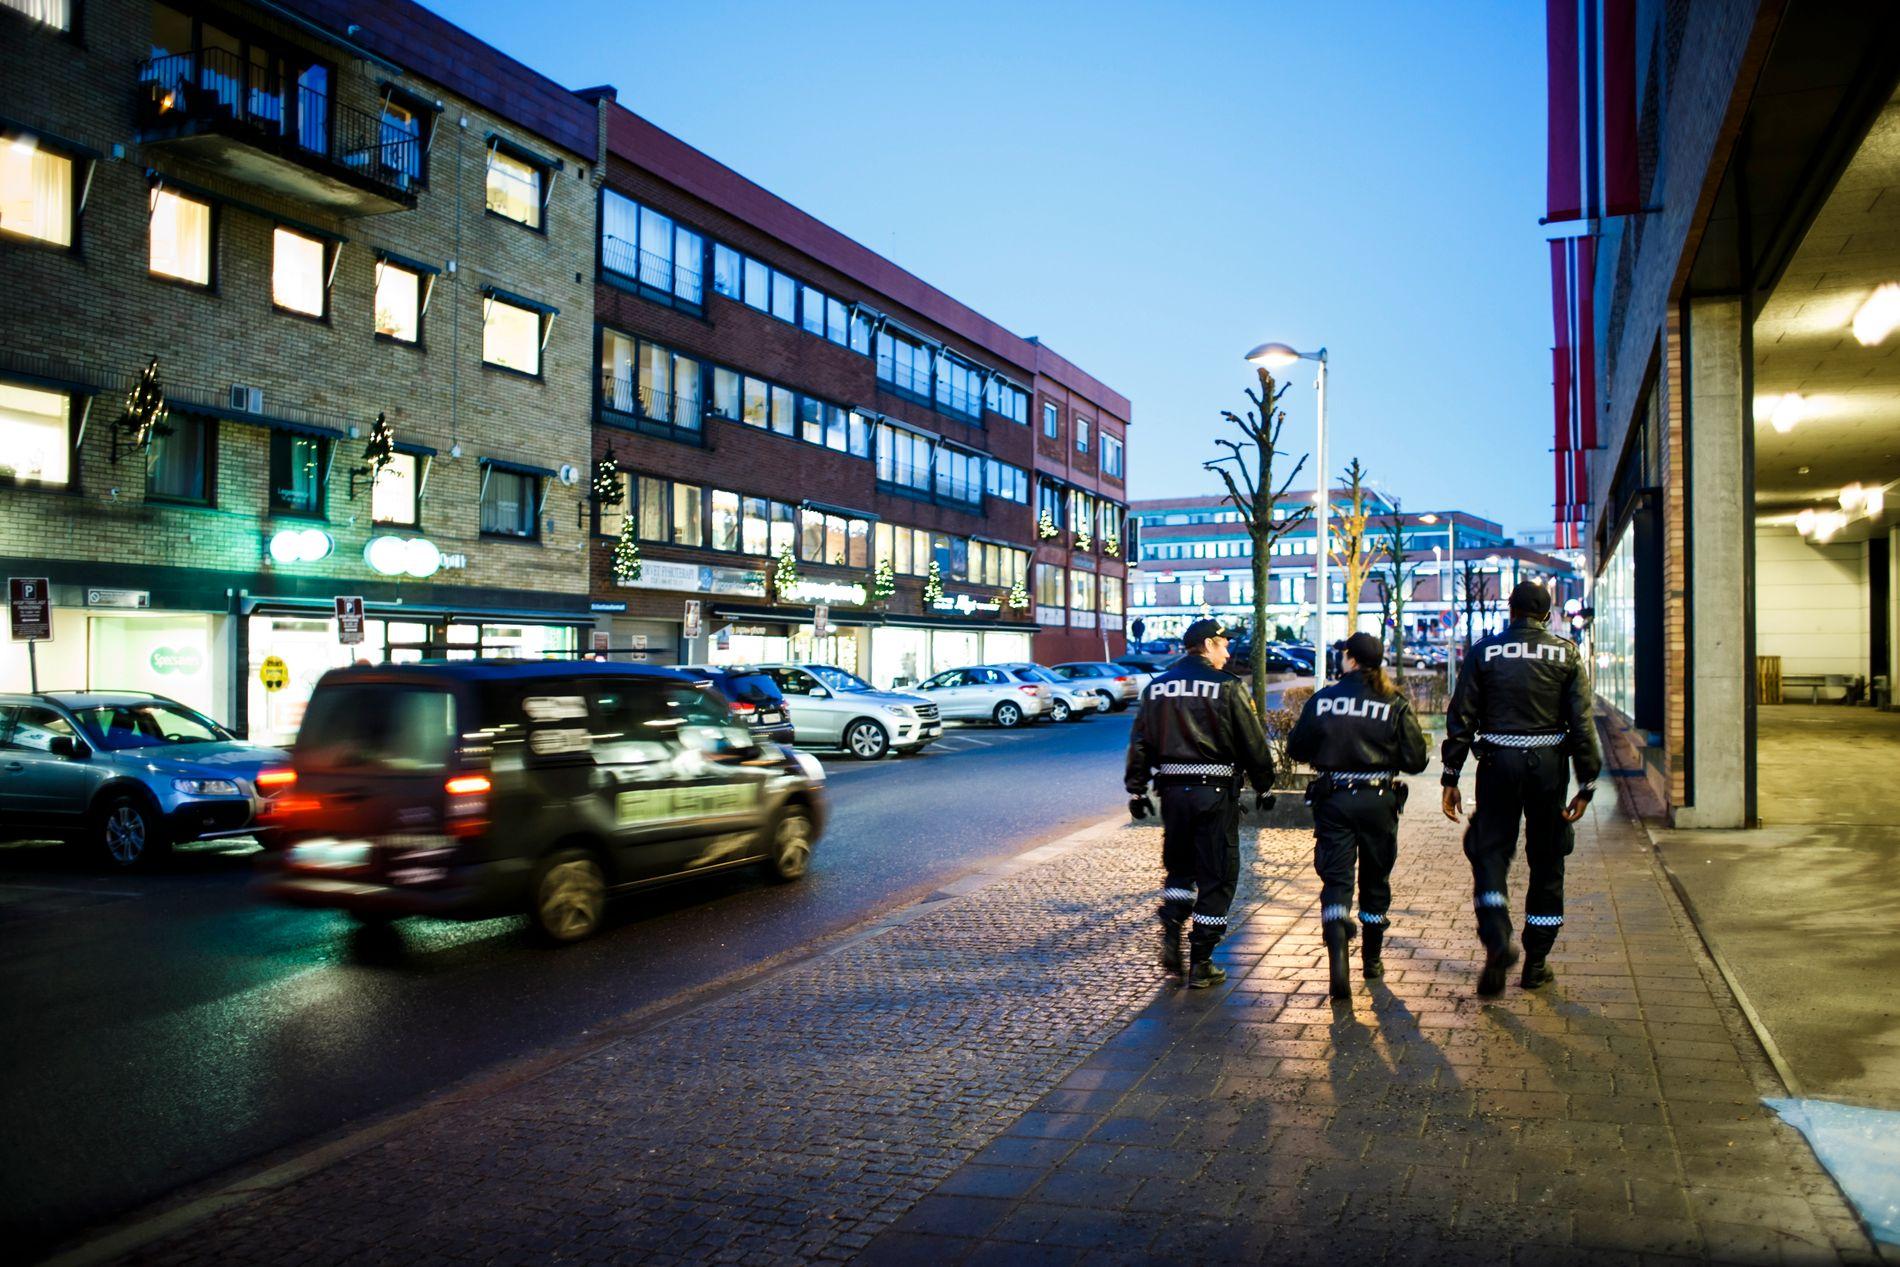 NOK FOLK. Regjeringen viser til en historisk satsing på politiet – at det har blitt over 2300 flere ansatte i politiet siden Høyre og Frp kom i regjering. Men en hovedombudsmann varsler ressurskrise.